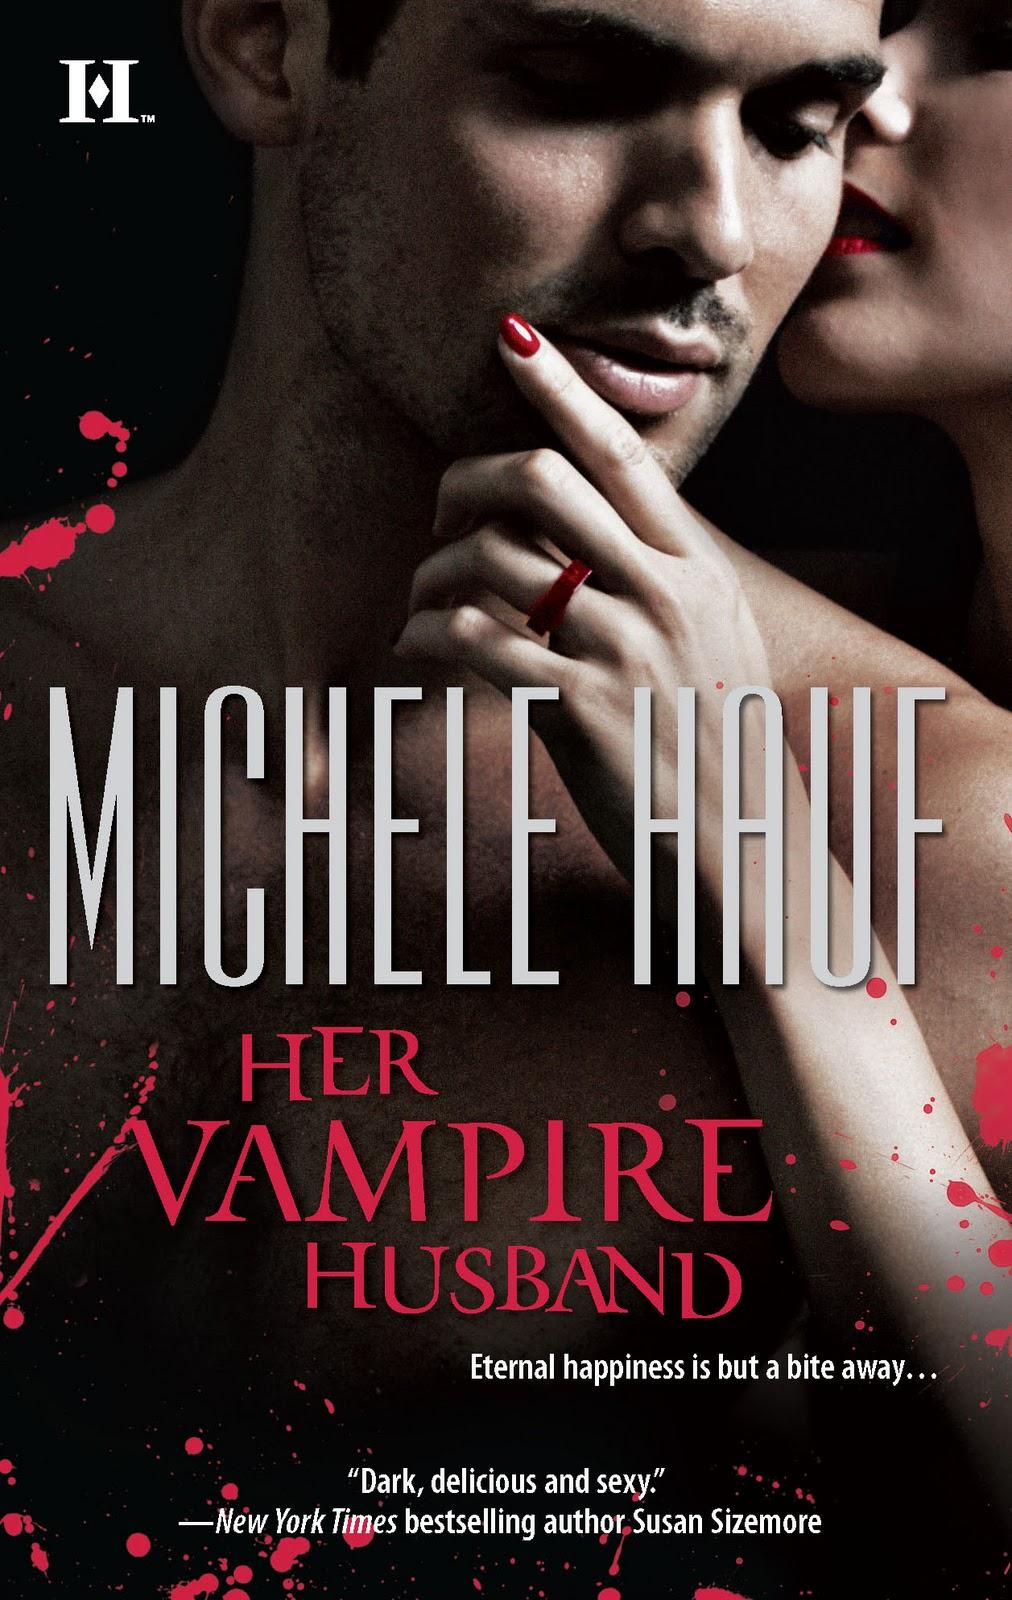 Книги на Мишел Хъф /Michele Hauf/ HerVampHusband